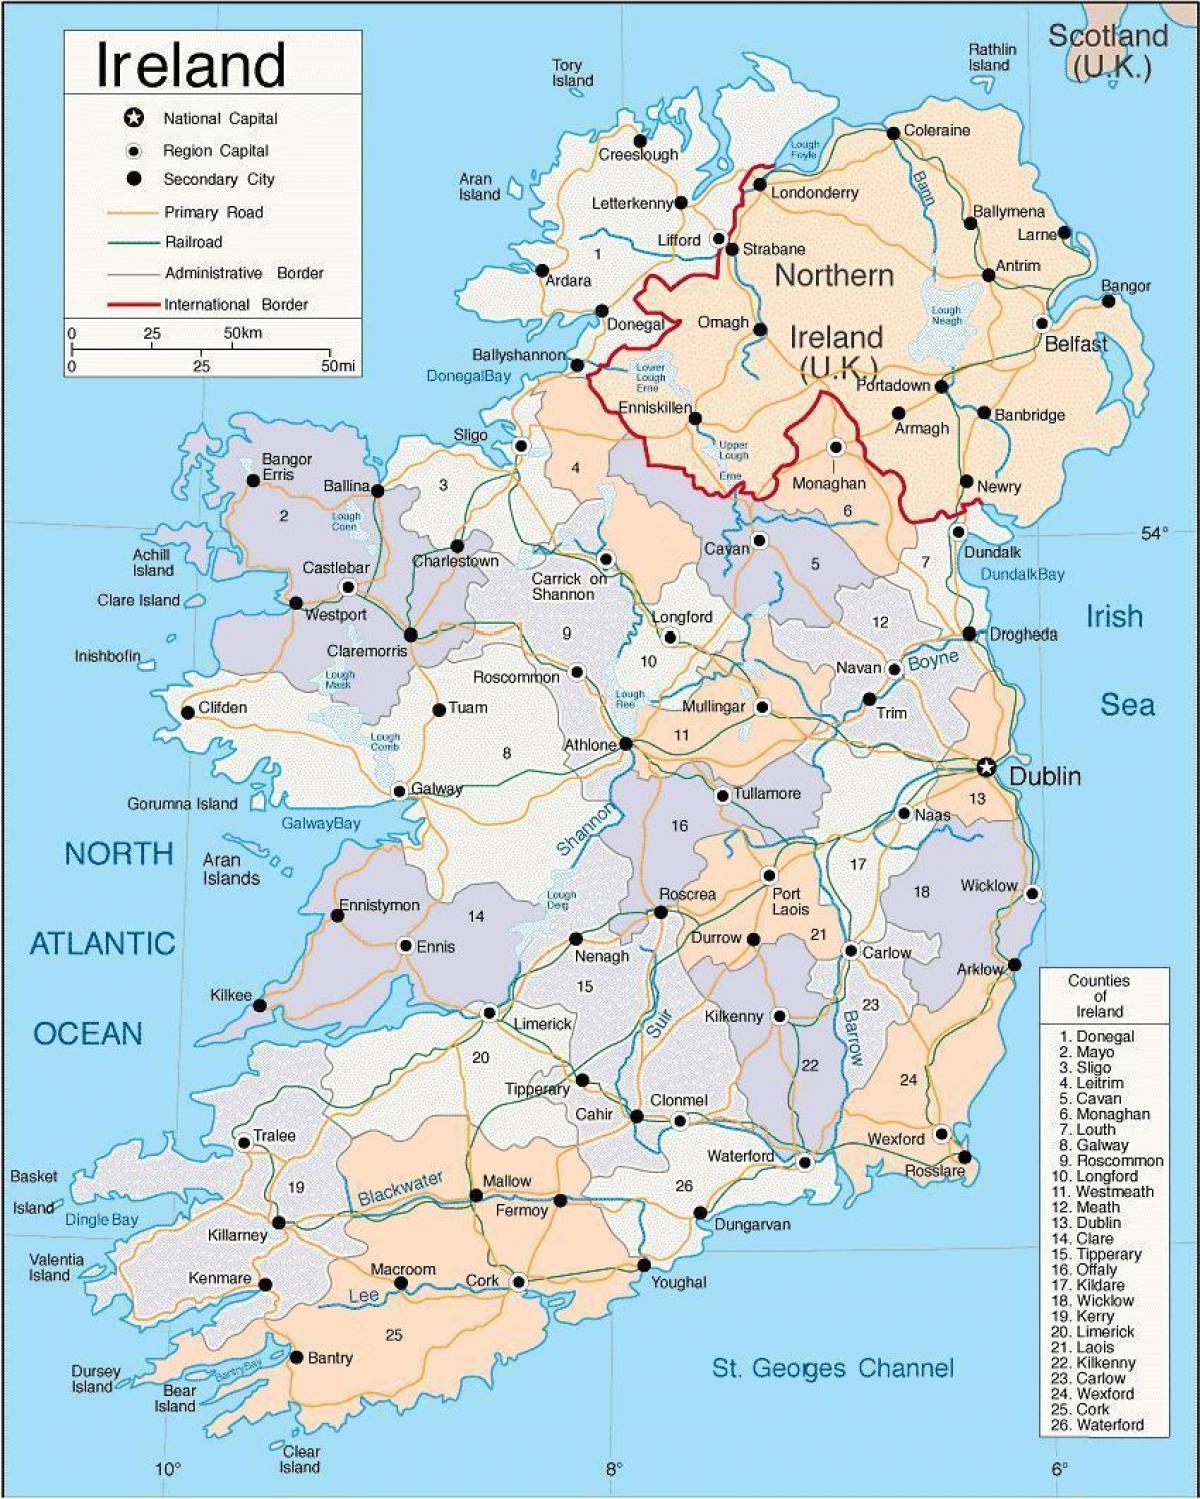 Kartta Irlannin Maakunnat Kartta Irlanti Mukaan Lukien Maakunnat